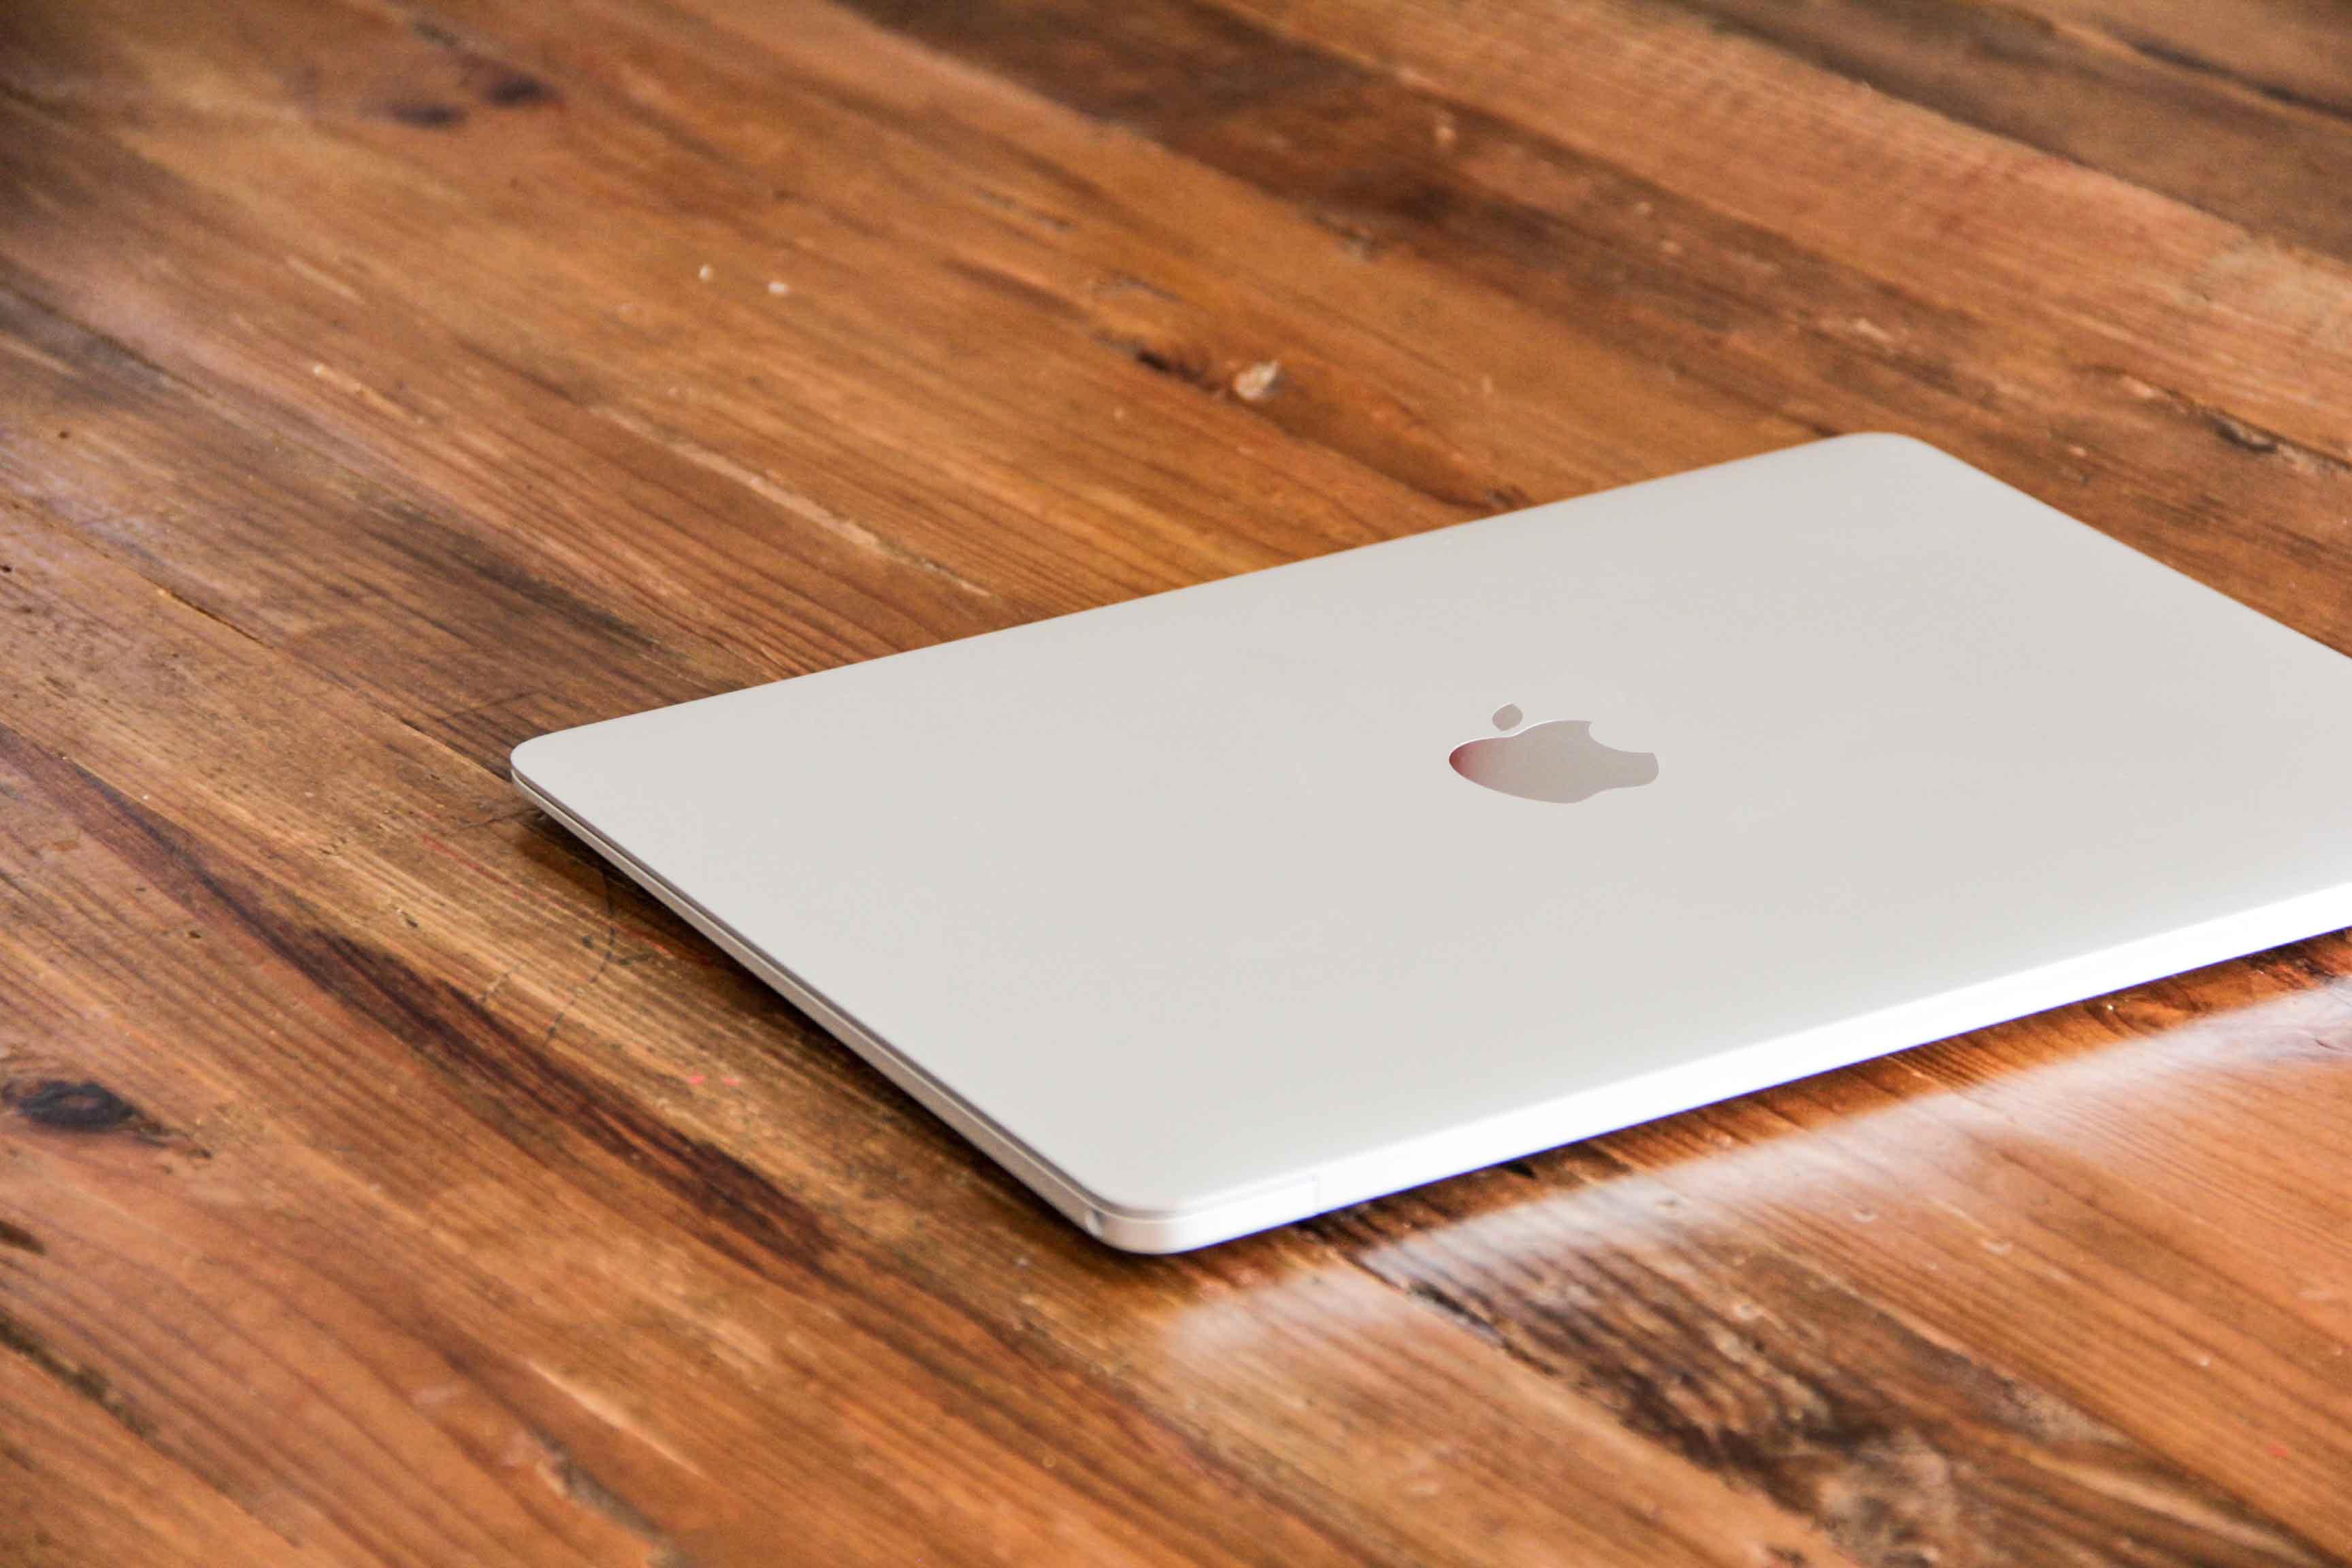 MacBook12インチの蓋を閉じた写真